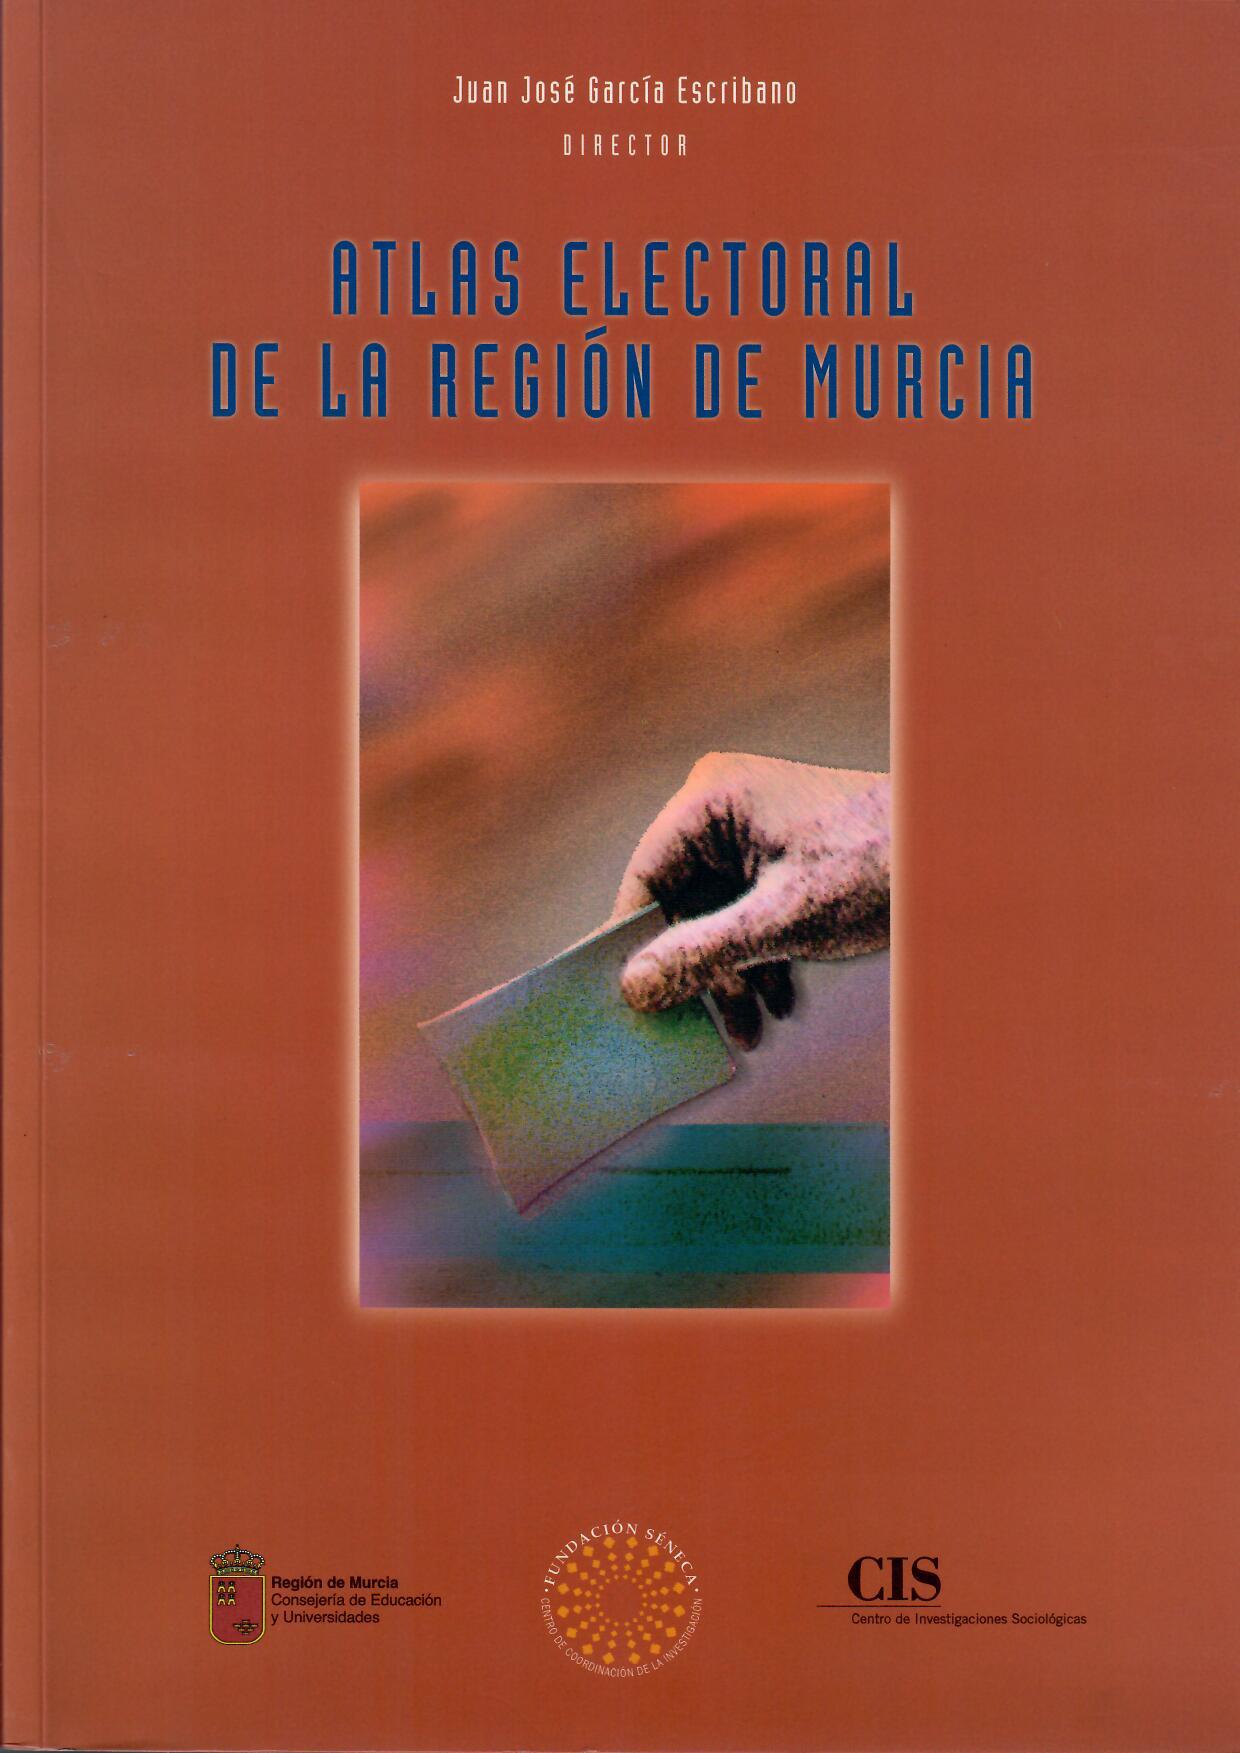 Atlas electoral de la Región de Murcia